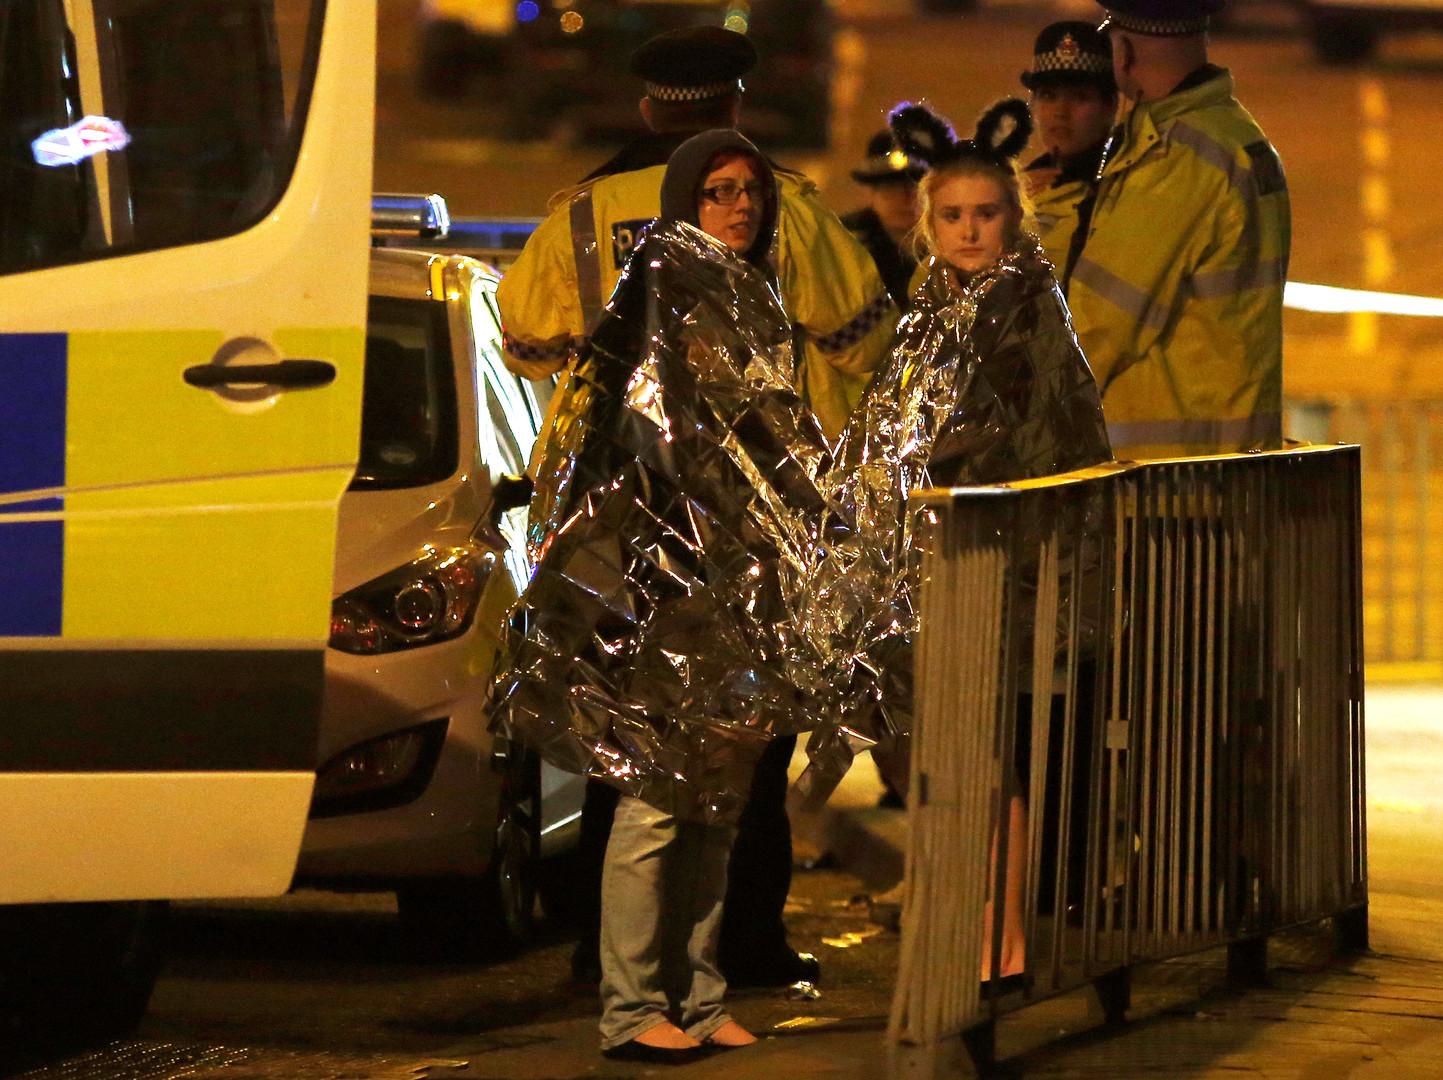 Anschlag in Manchester: Was bisher bekannt ist